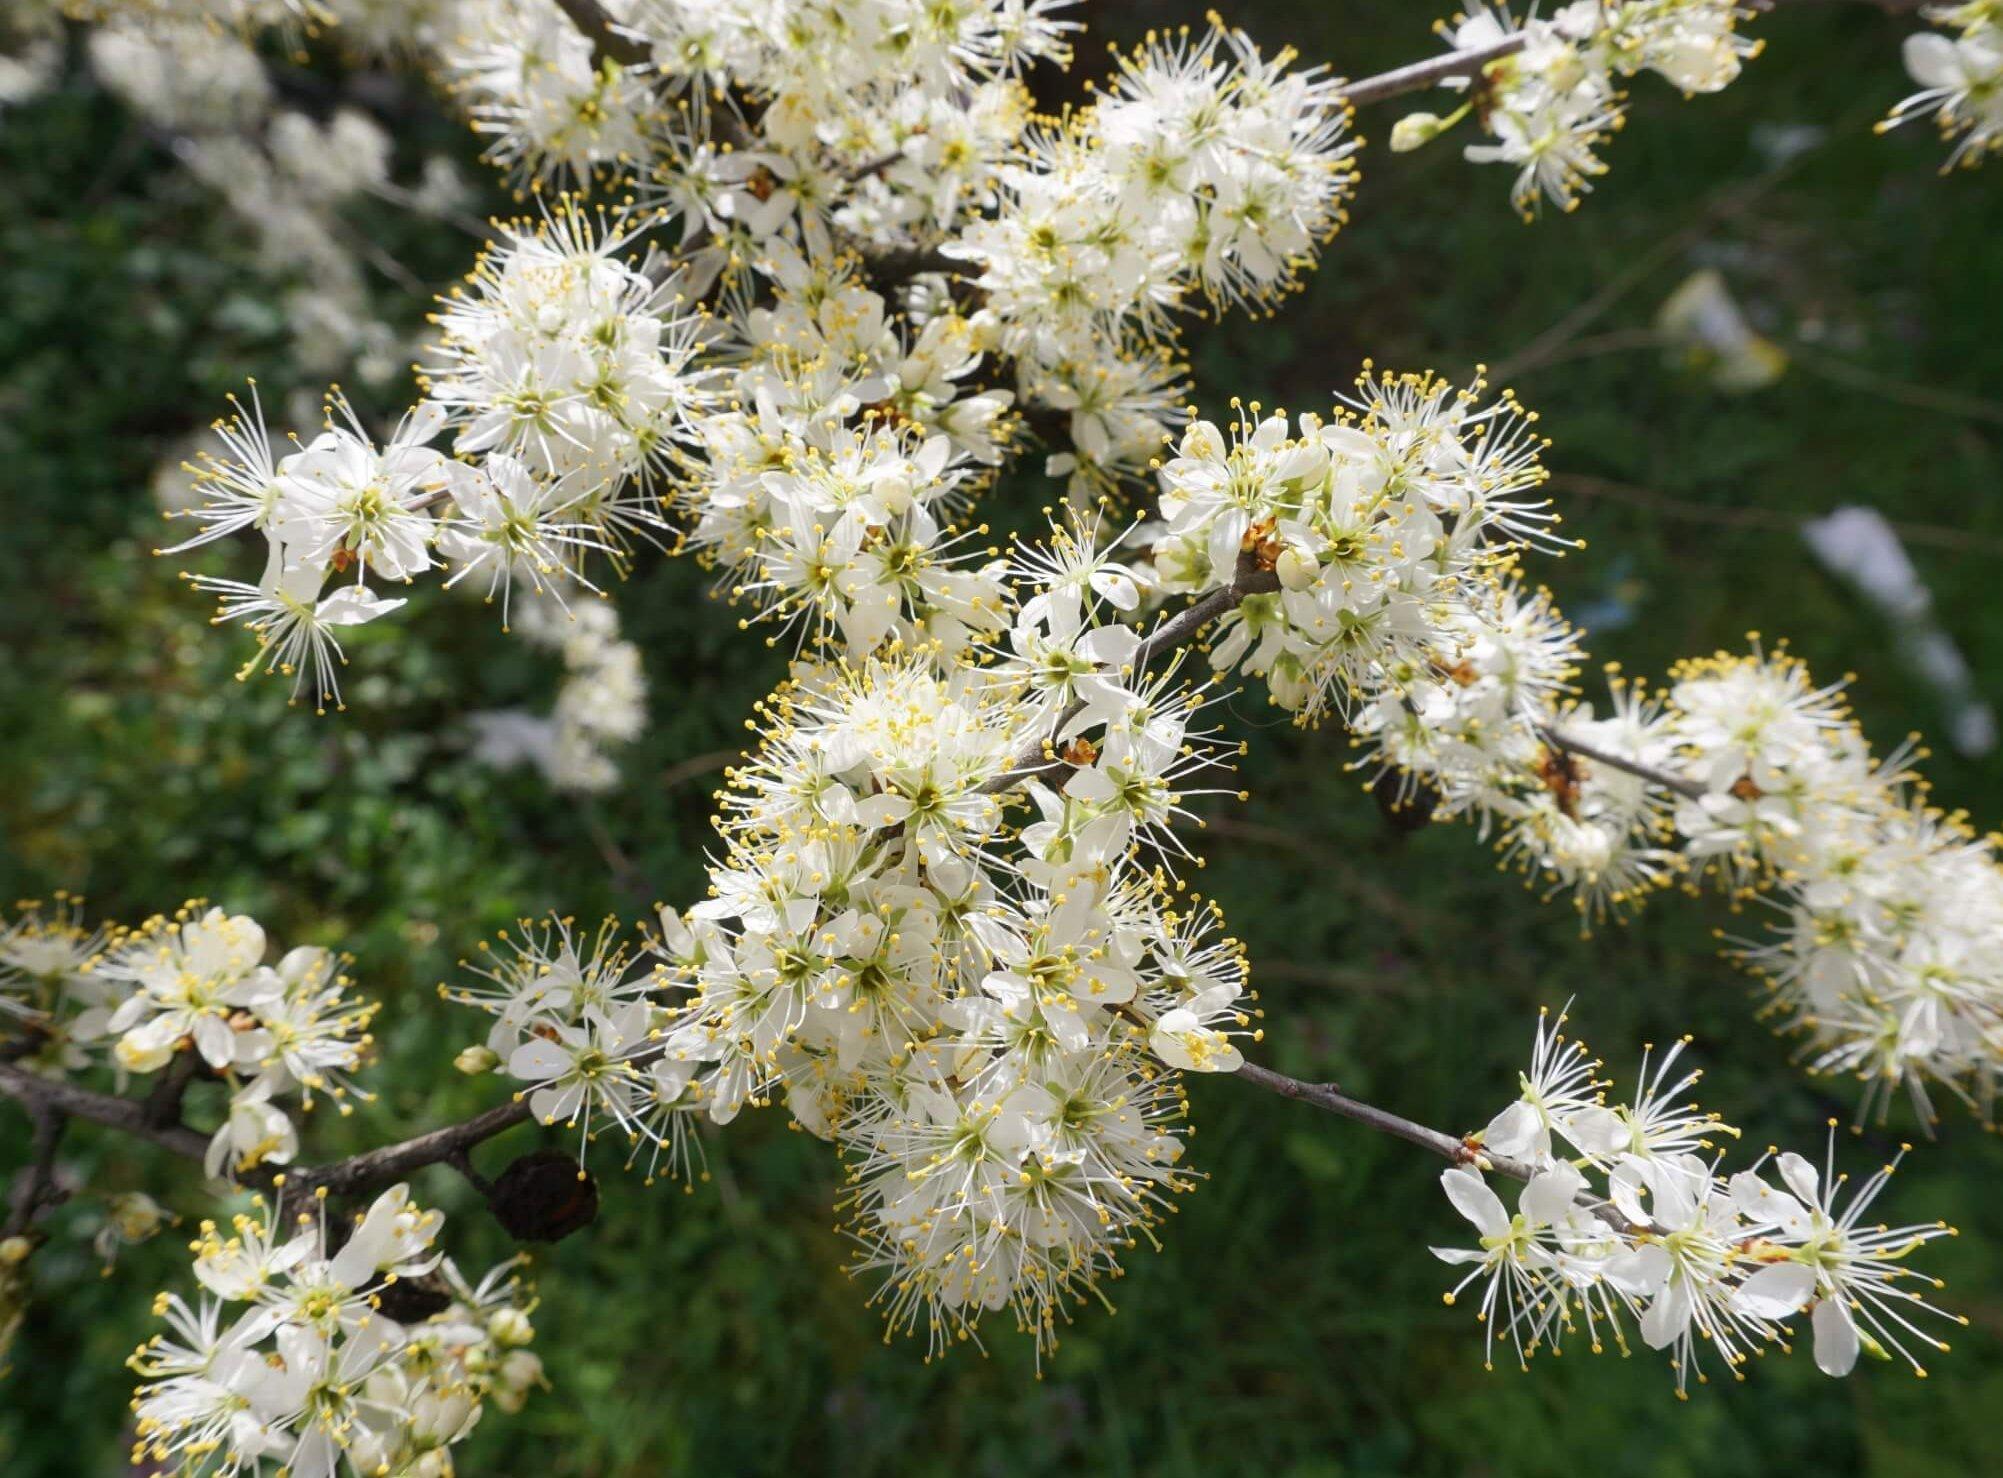 Das Bild zeigt die dicht stehenden und auffällig weißen Blüten an den sonst noch laublosen Zweigen eines Schlehdorns im Kosmosviertel. Zweite Märzhälfte 2020.